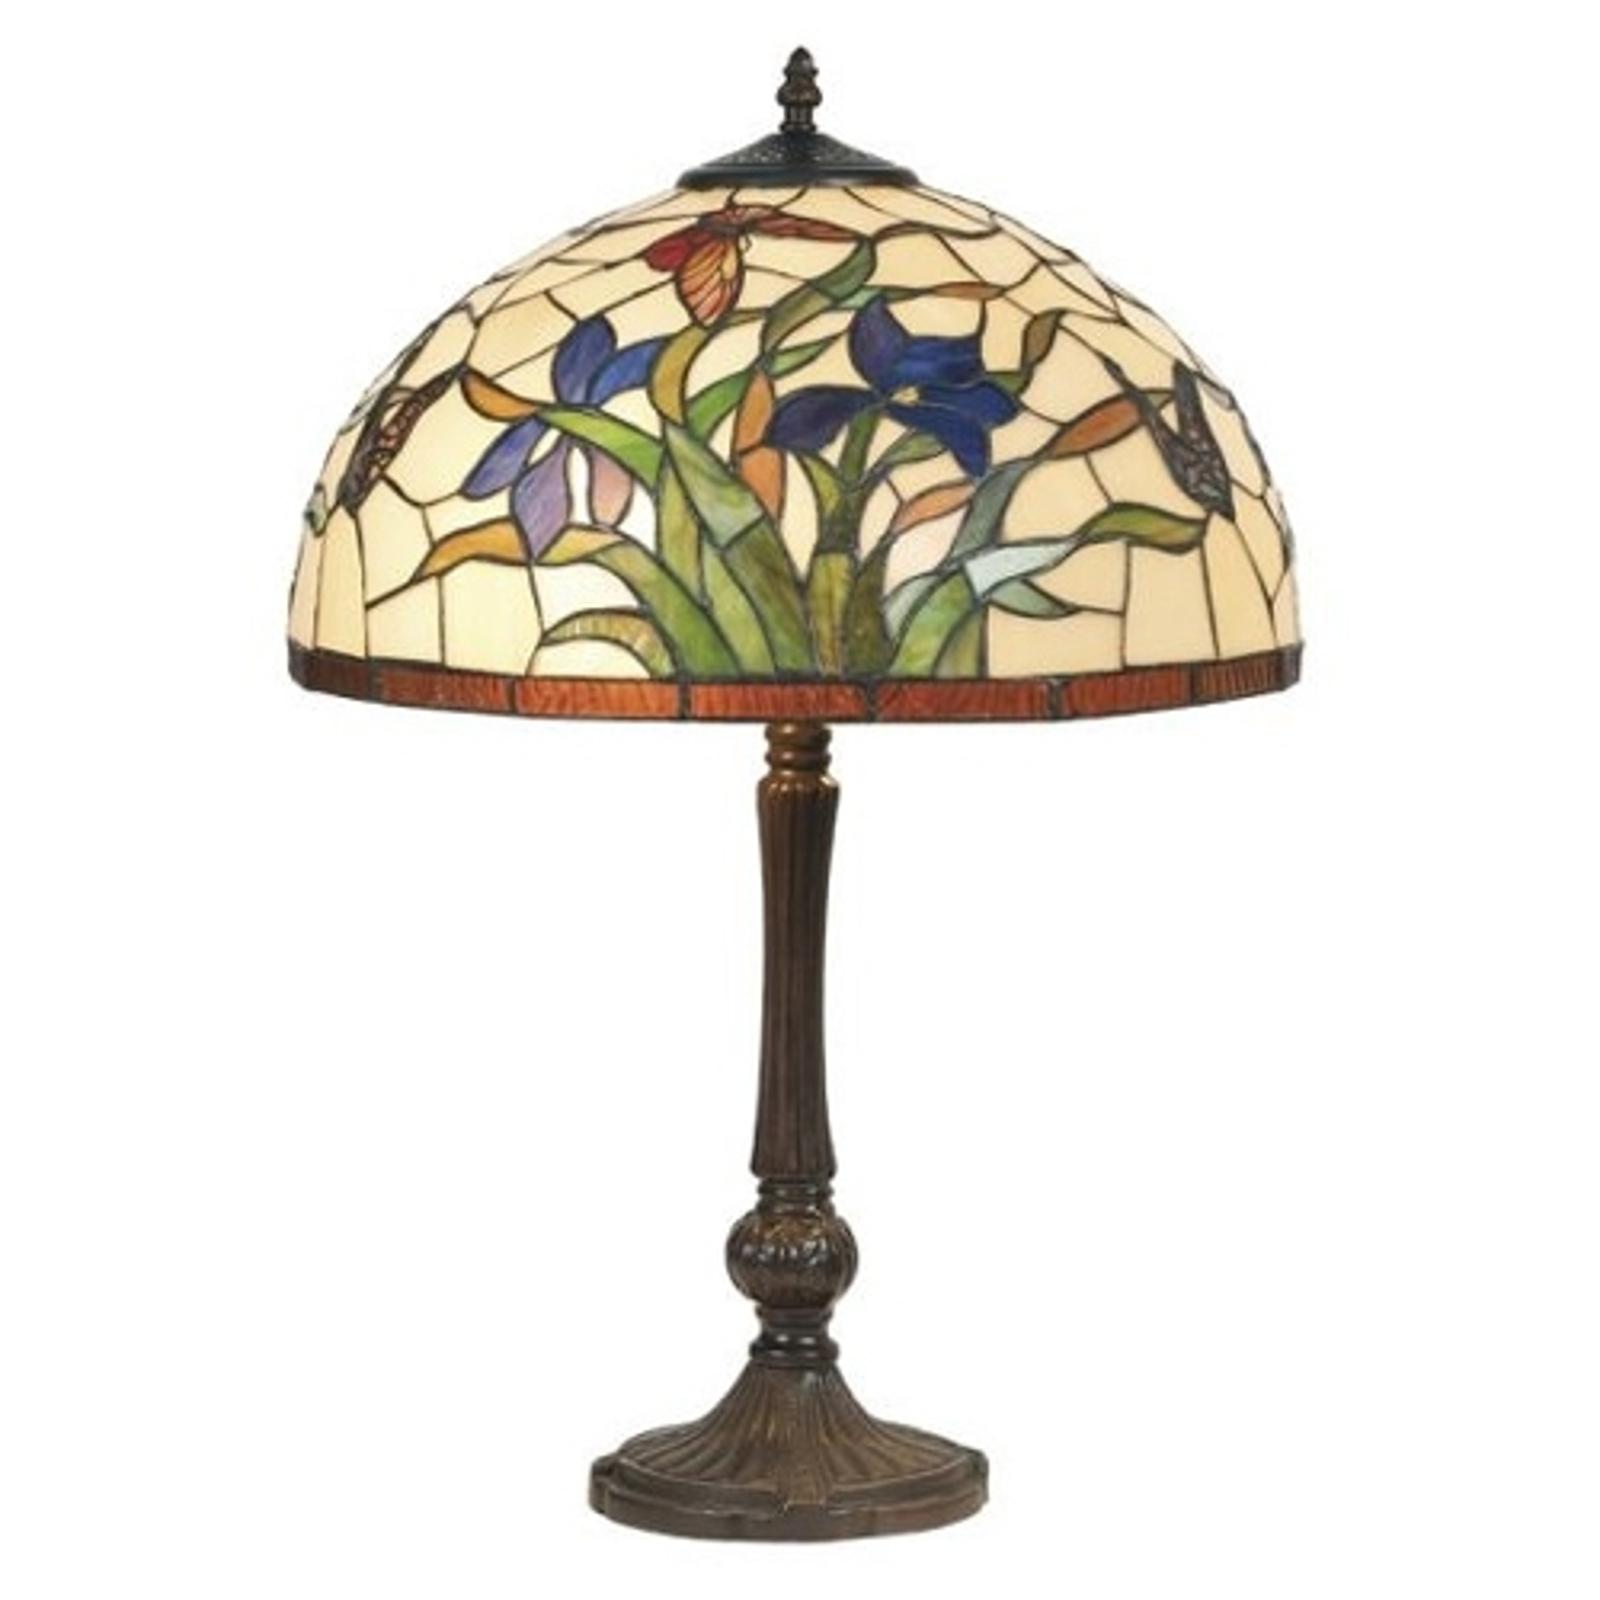 Lampe à poser Elanda au style Tiffany, 62cm